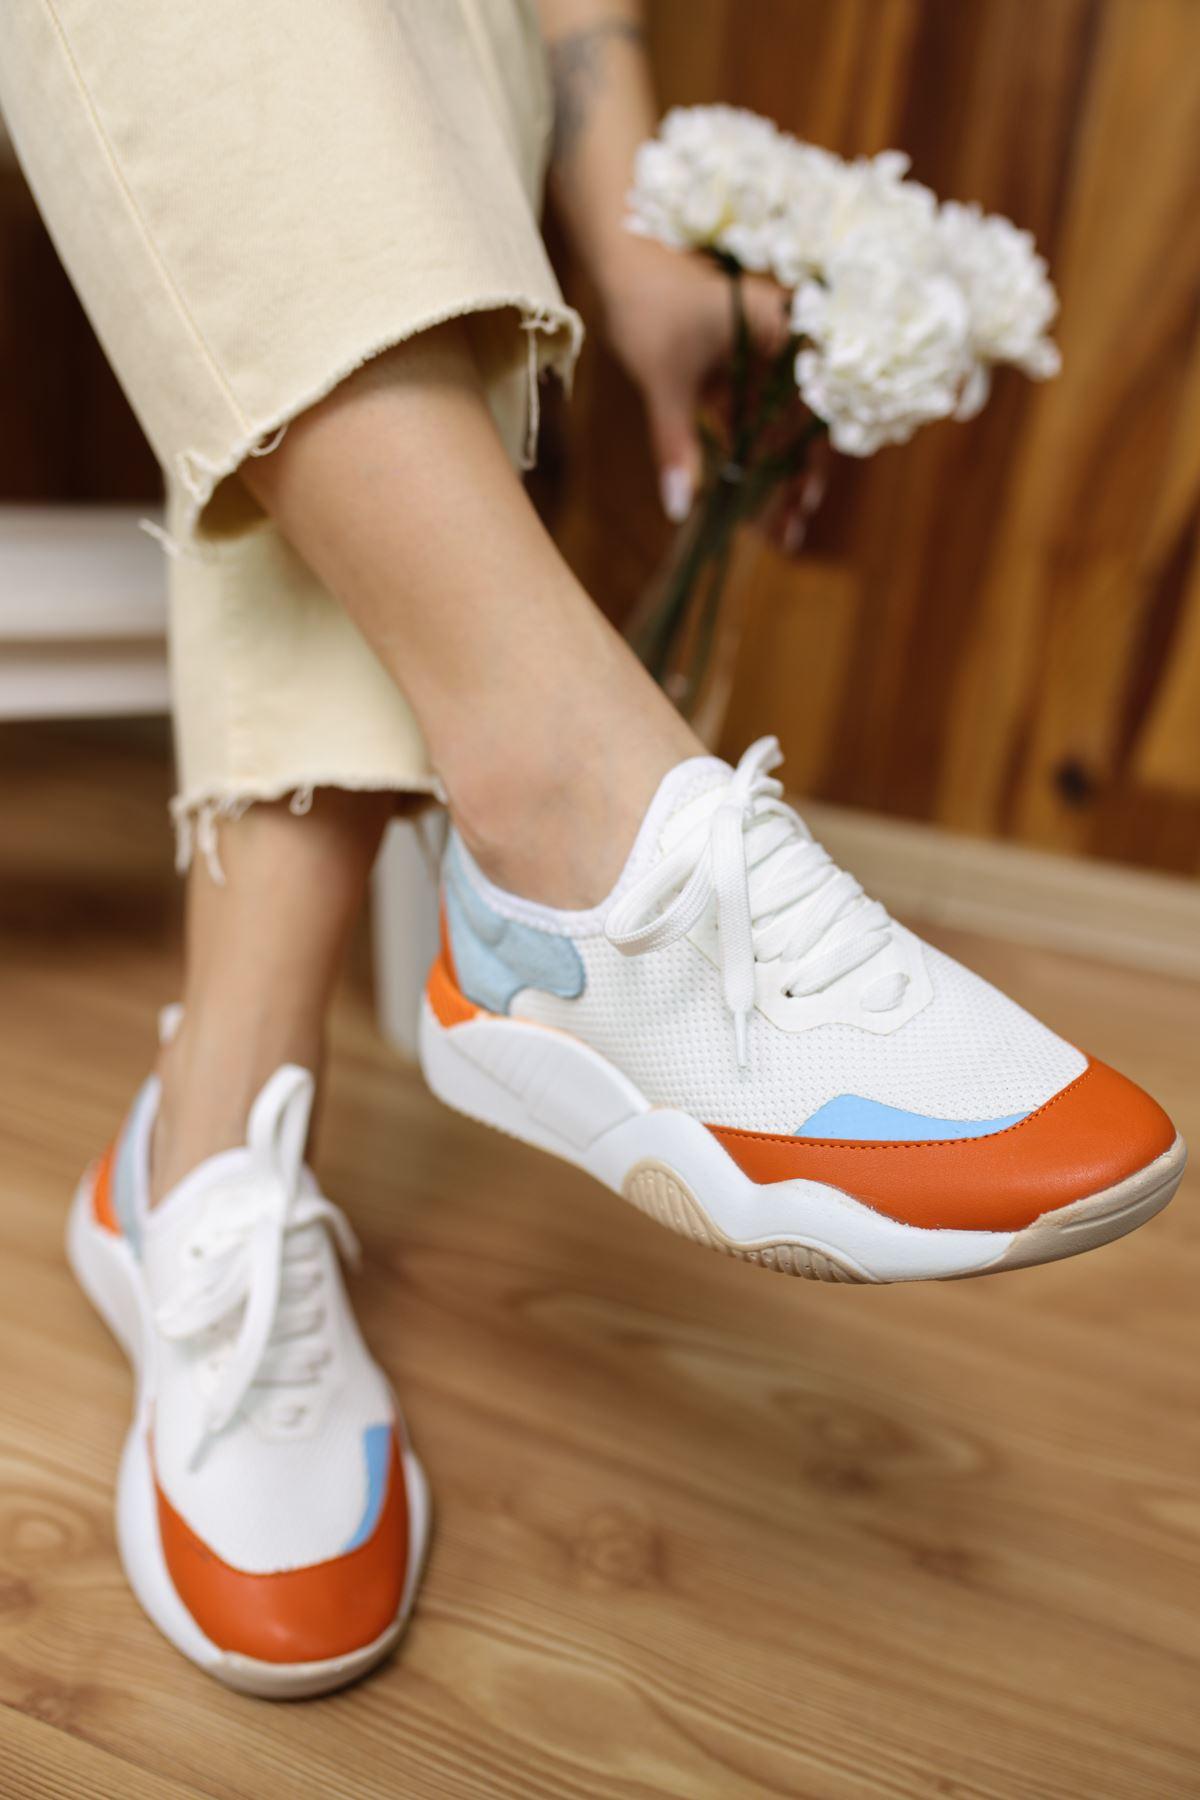 Caprice Beyaz Mavi Oranj Bağcıklı Kadın Spor Ayakkabı